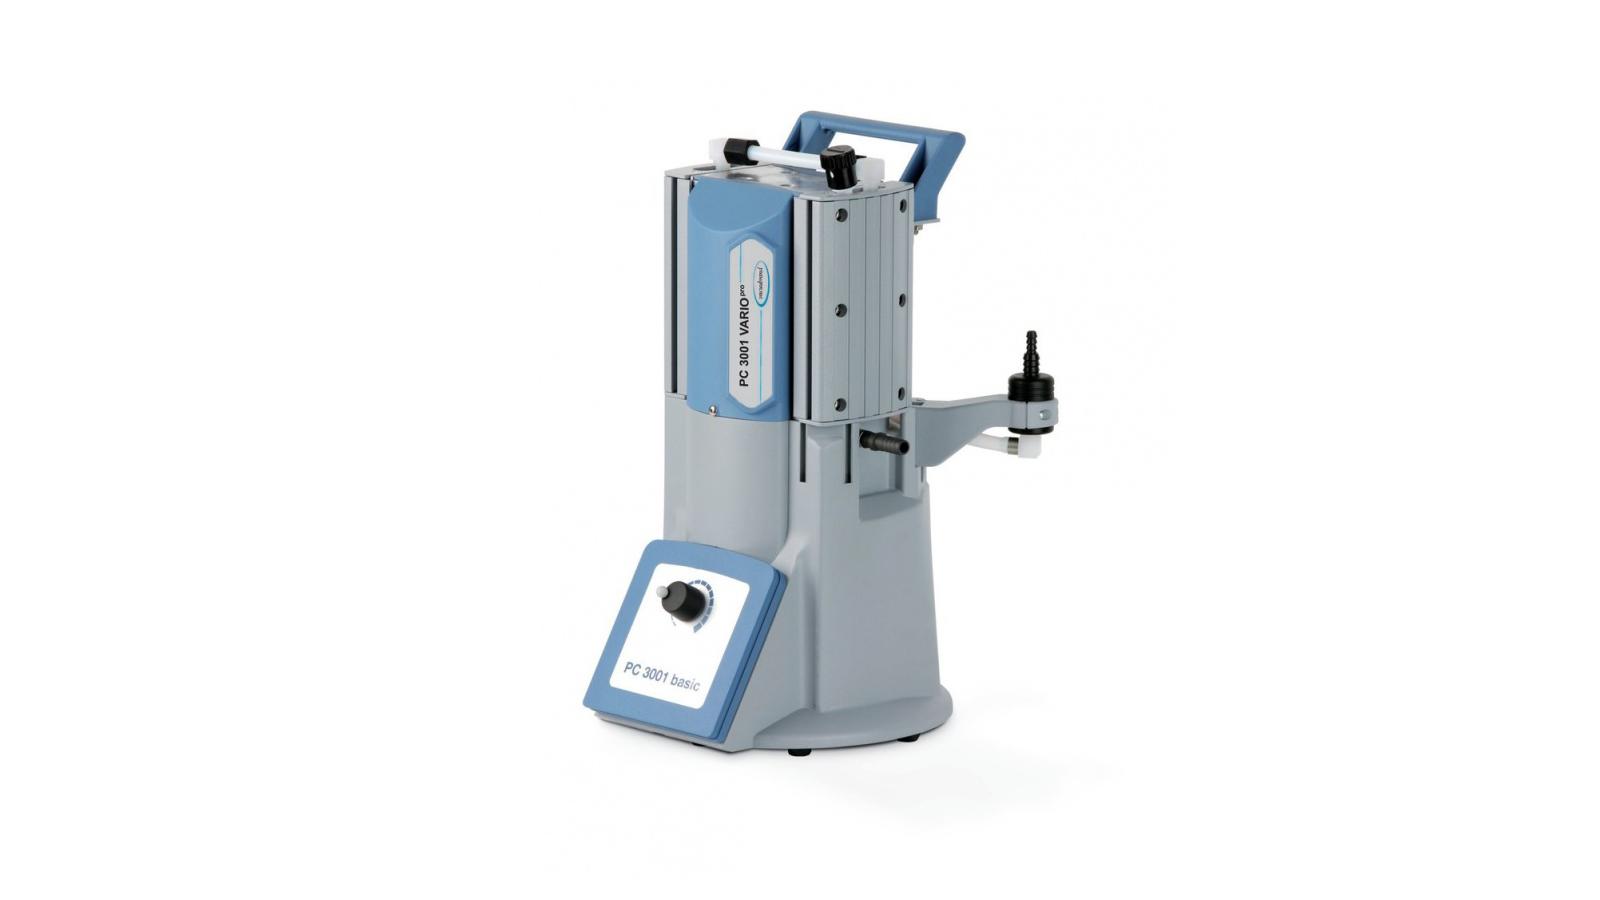 Vacuubrand PC 3001 Basic Vakum Ünitesi || Merlab Laboratuvar Ekipmanları